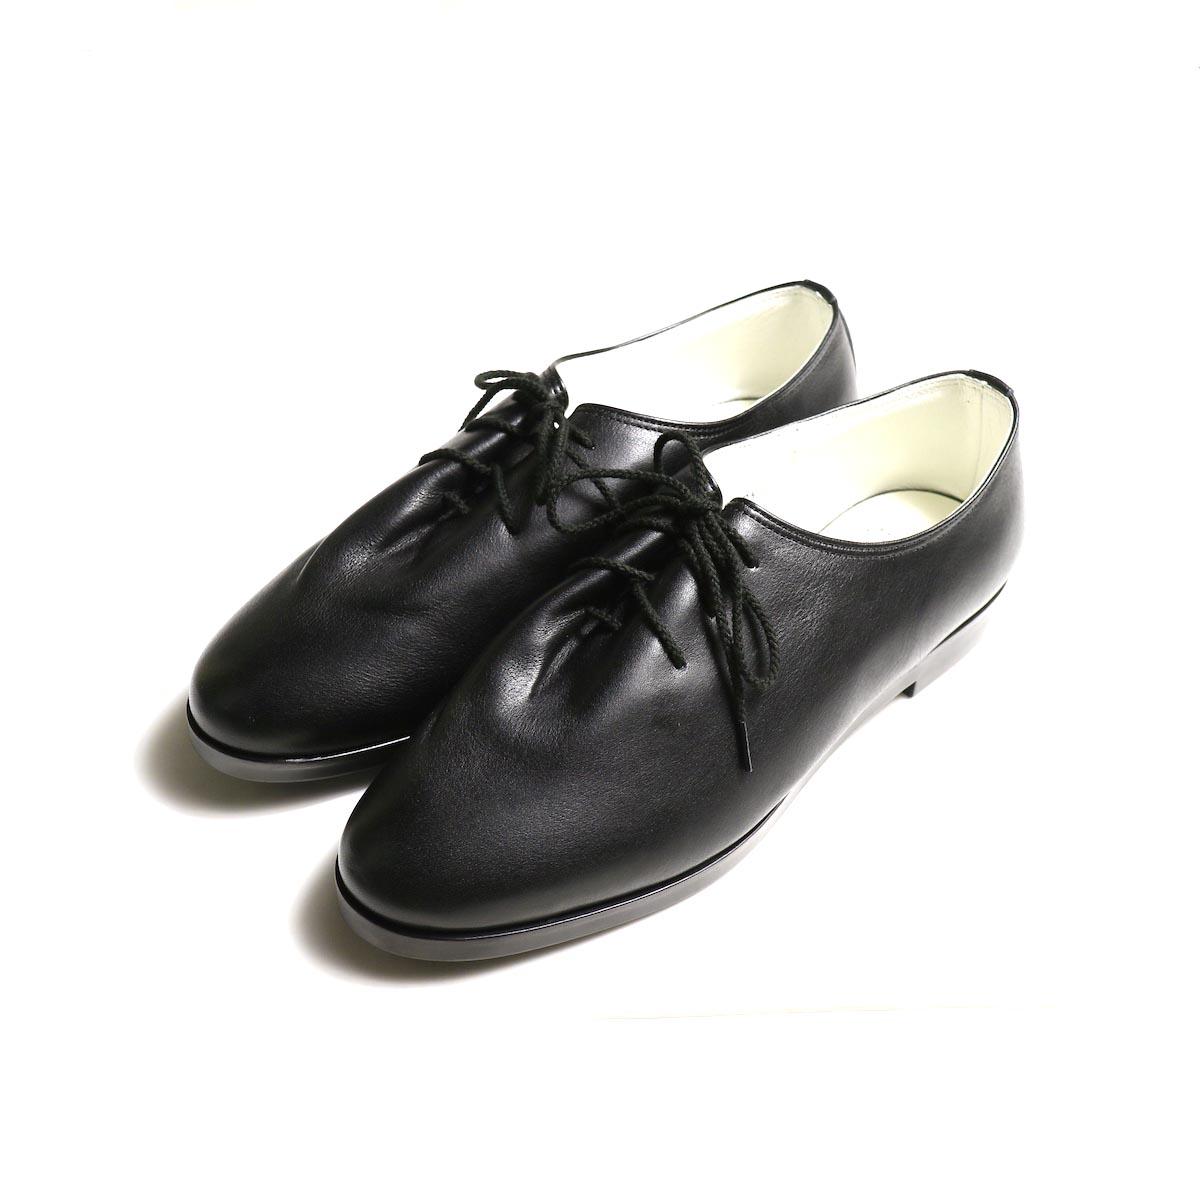 FOOTSTOCK ORIGINALS / ONE PIECE (Black)トップ